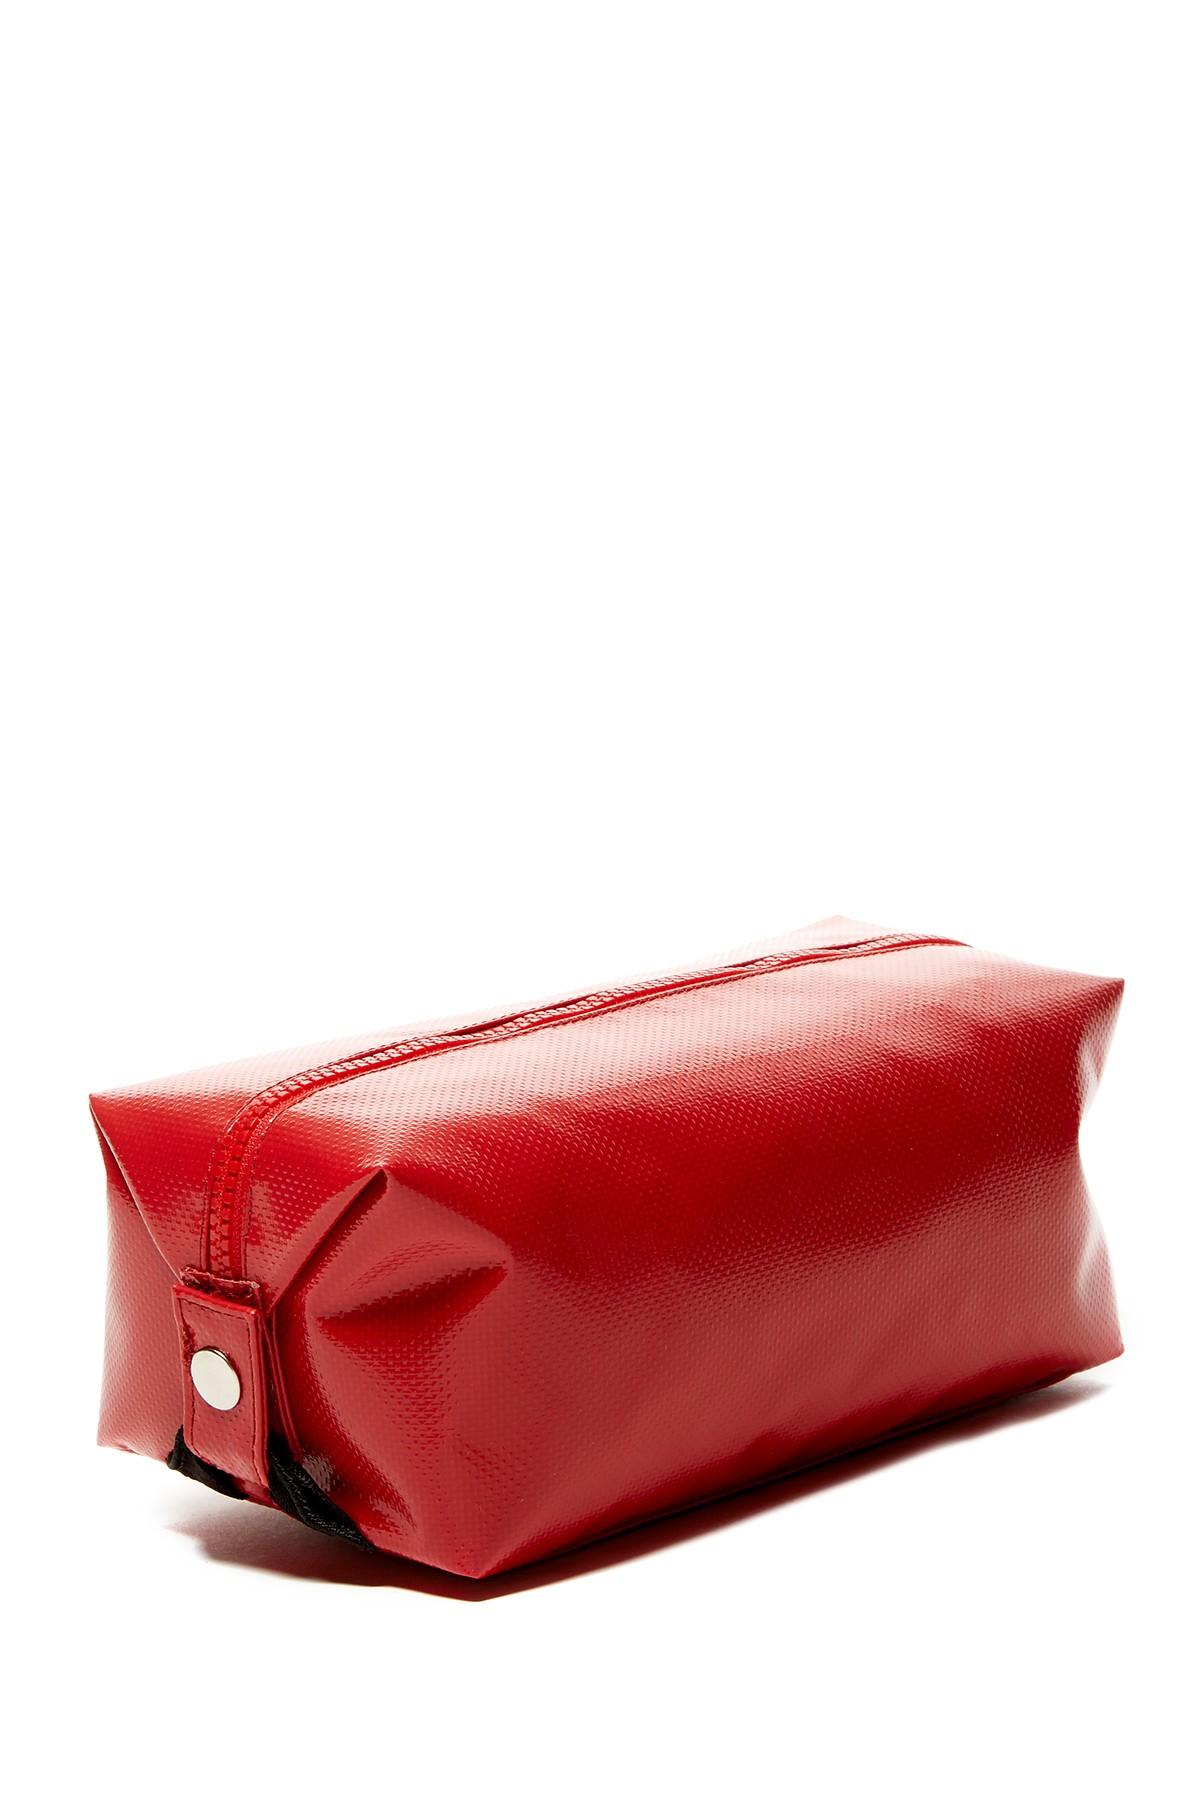 Timberland Women Travel Kit Case